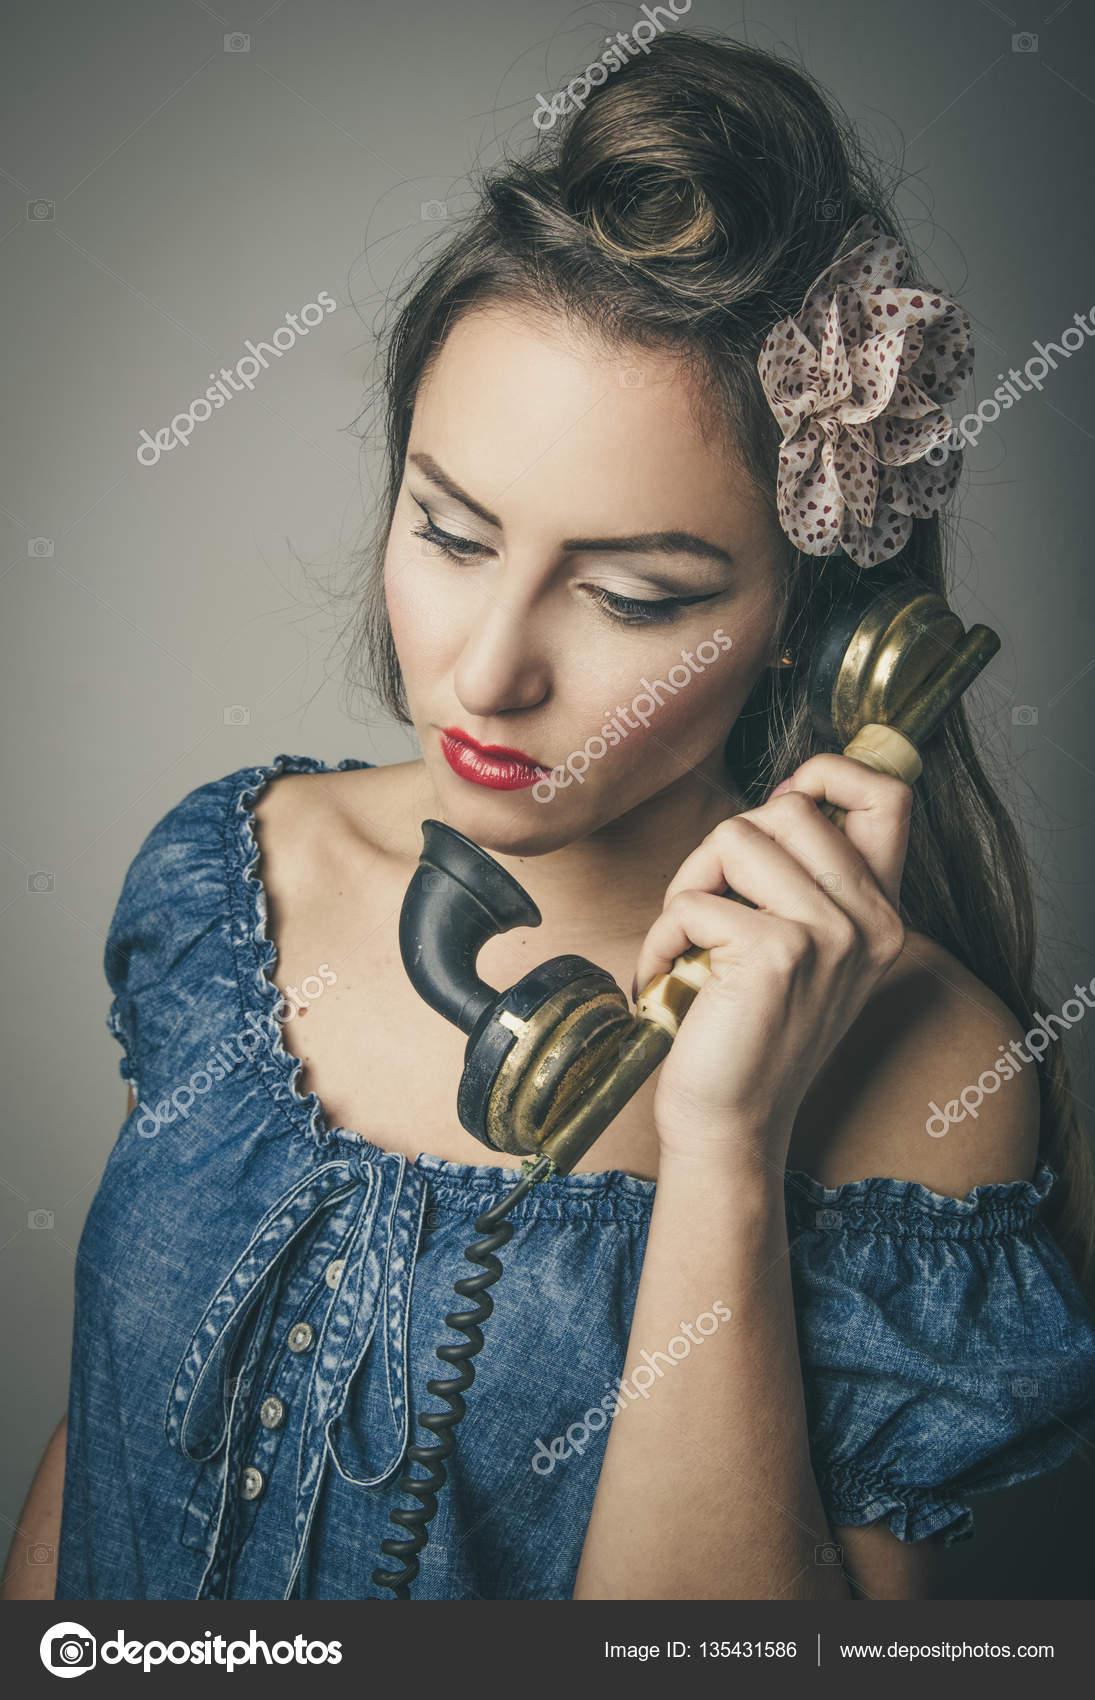 Гламурная привлекательная женщина, держа ее мобильный телефон.